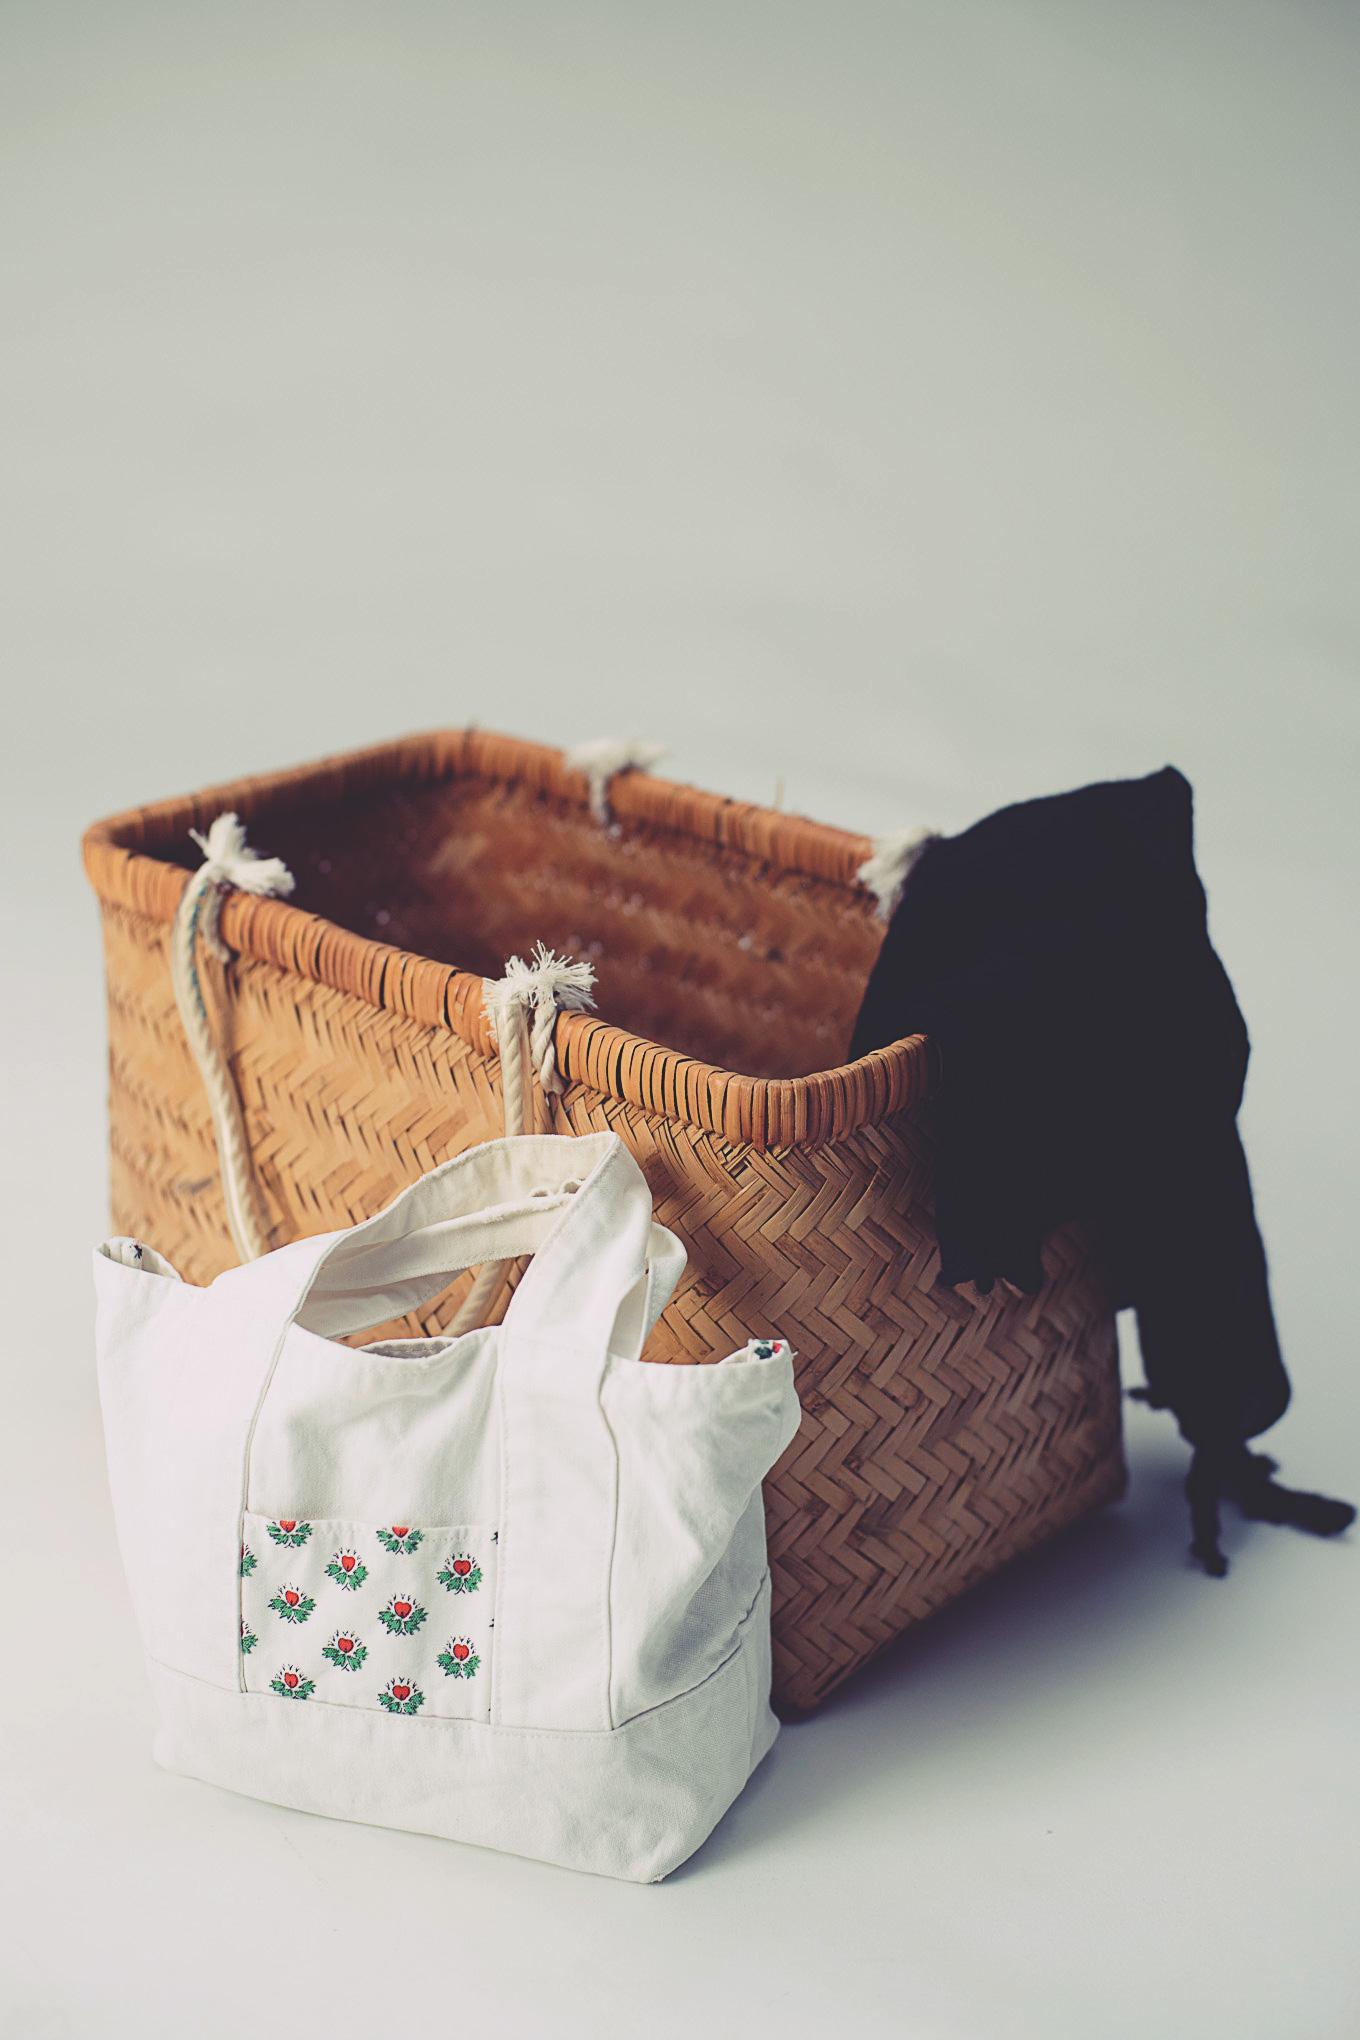 picnic-in-osaka-info-2-1